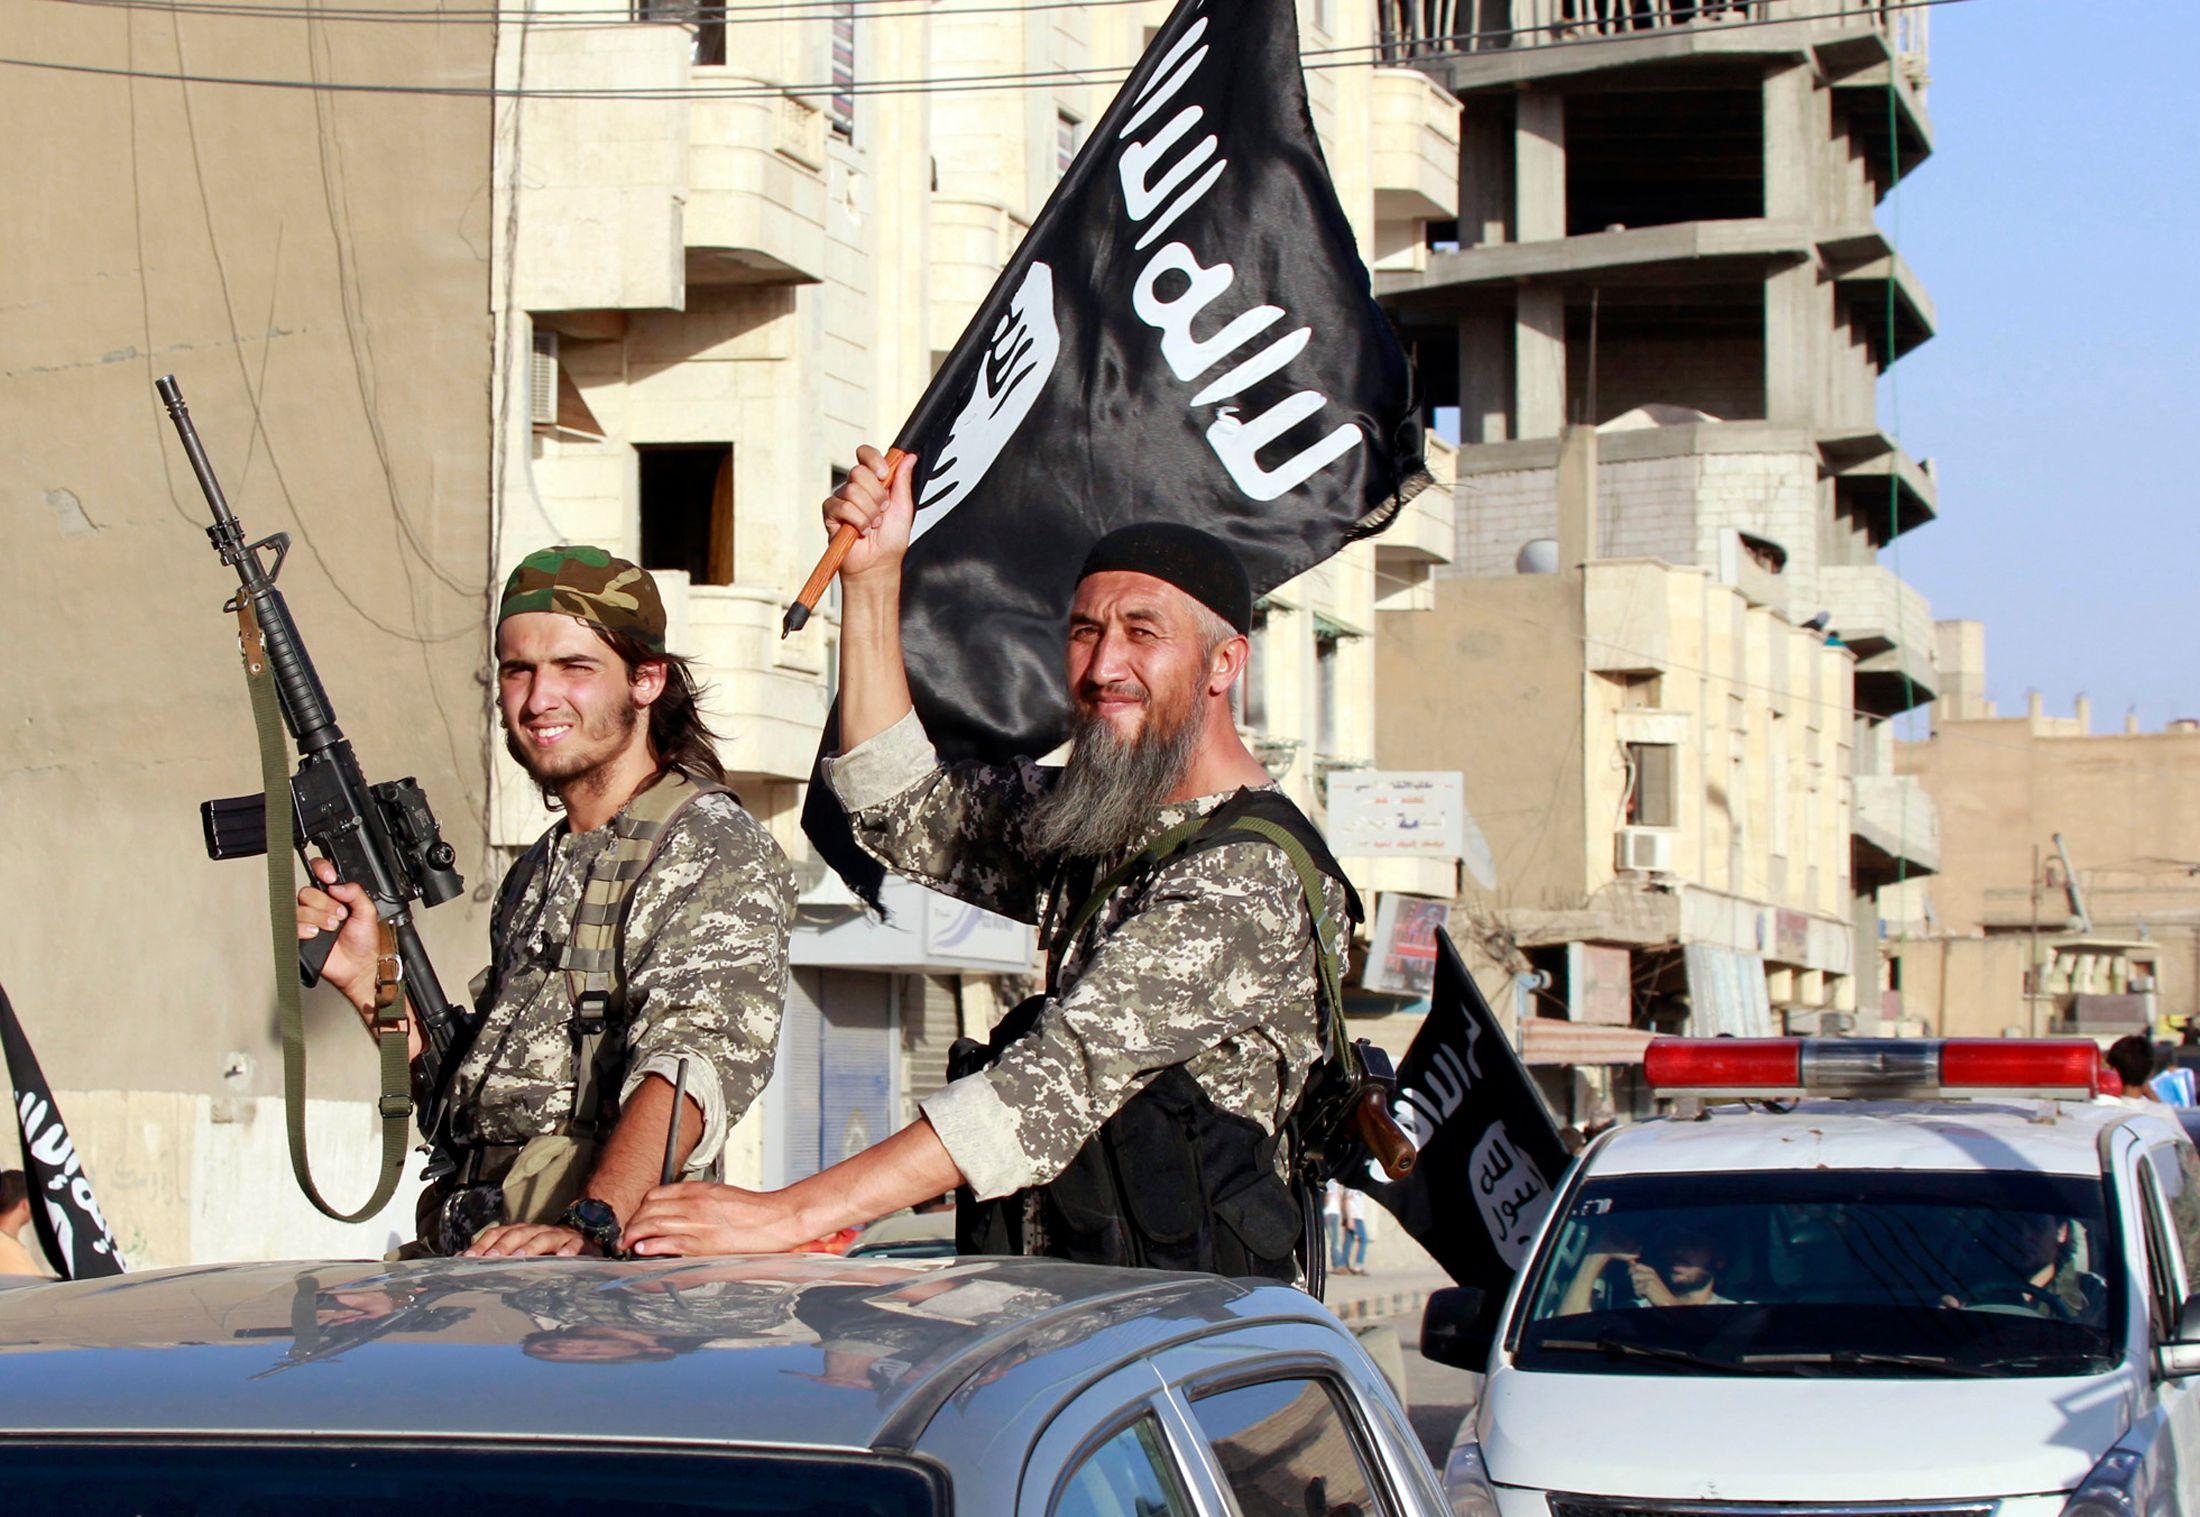 Contrairement aux espoirs de Donald Trump, l'Etat islamique n'est pas vaincu